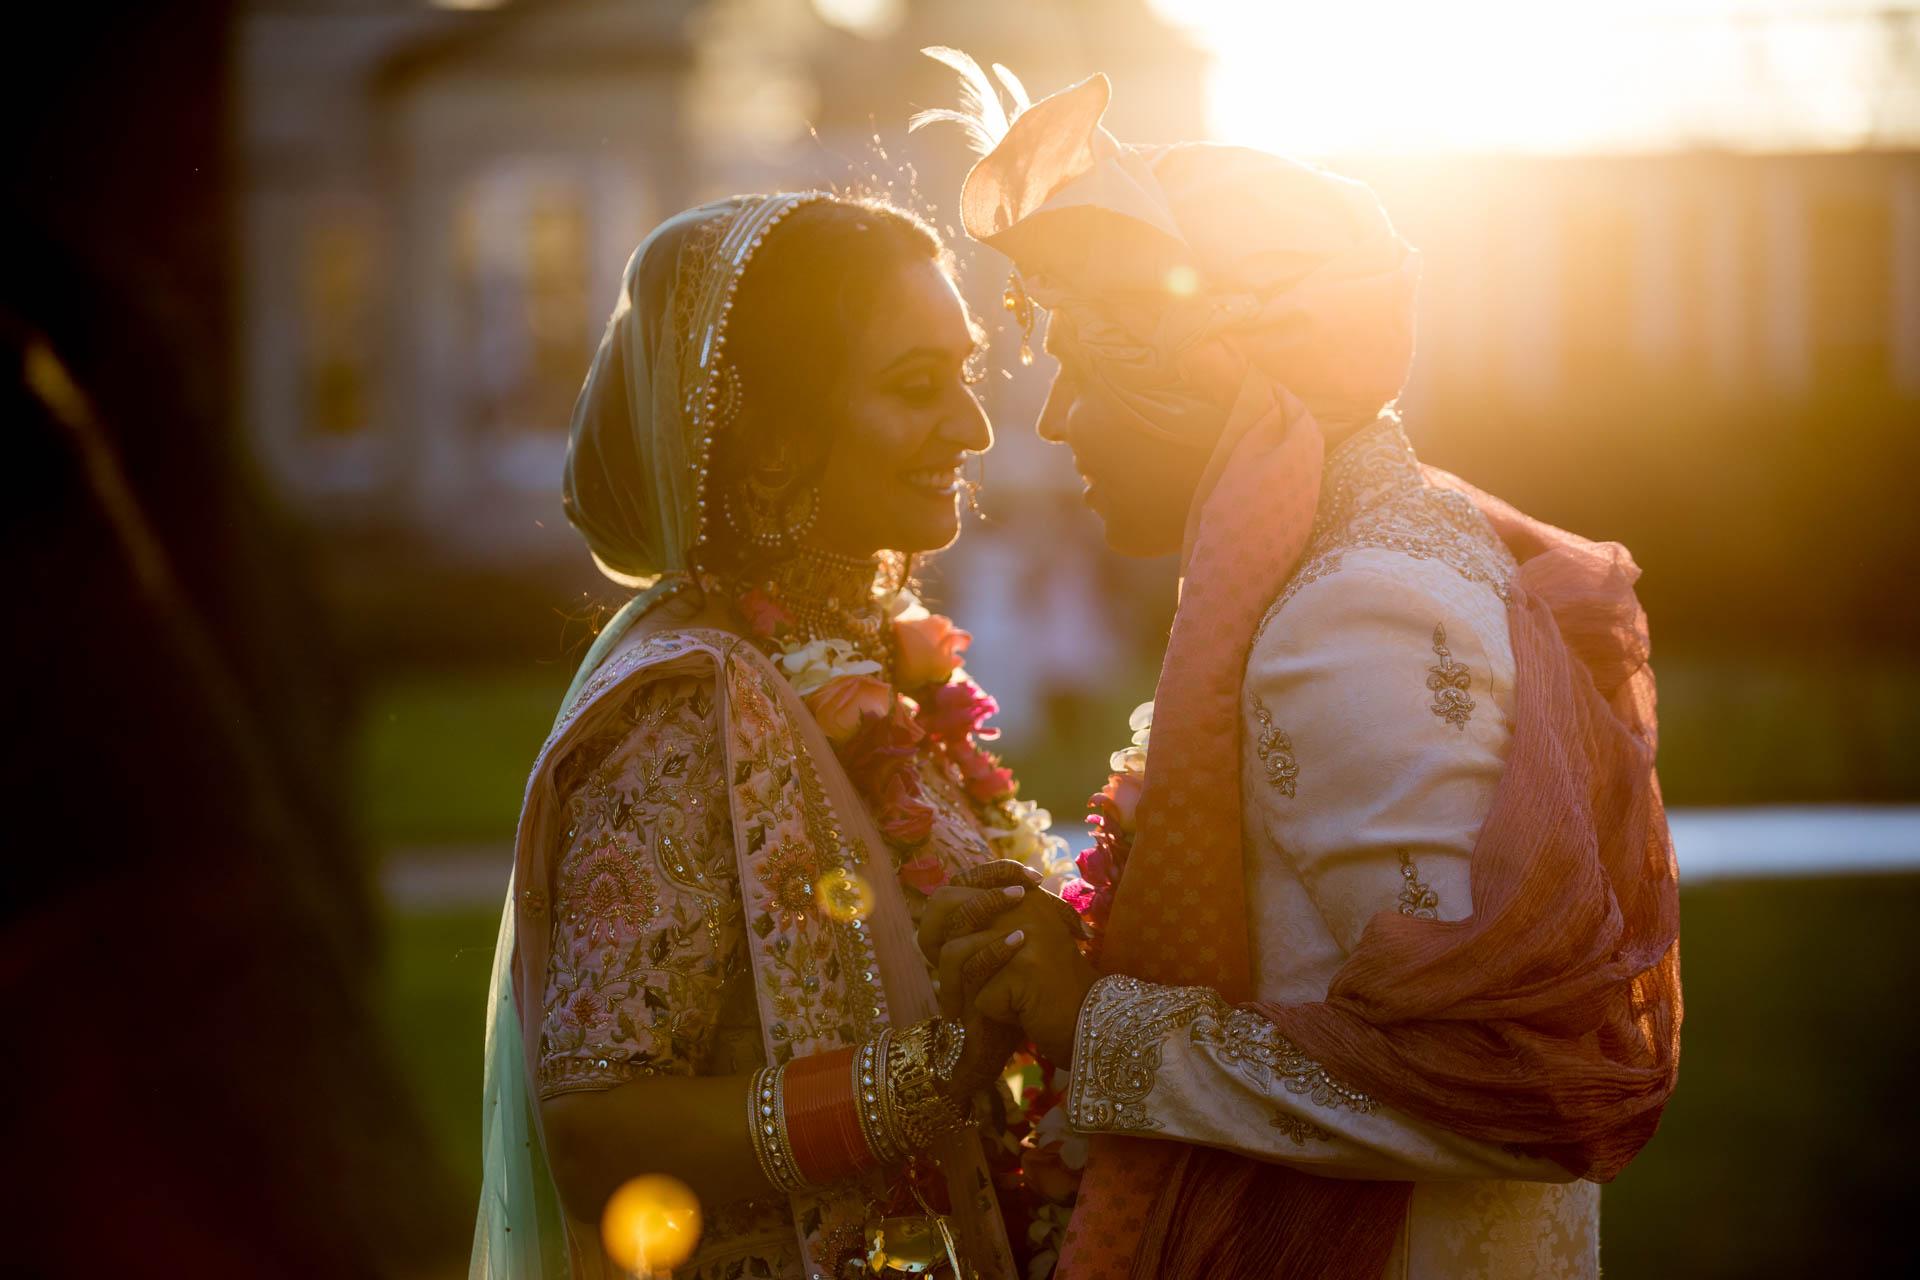 Richard Murgatroyd Photography - London Wedding Photographer - Most Curious Fair Blog -0019.jpg